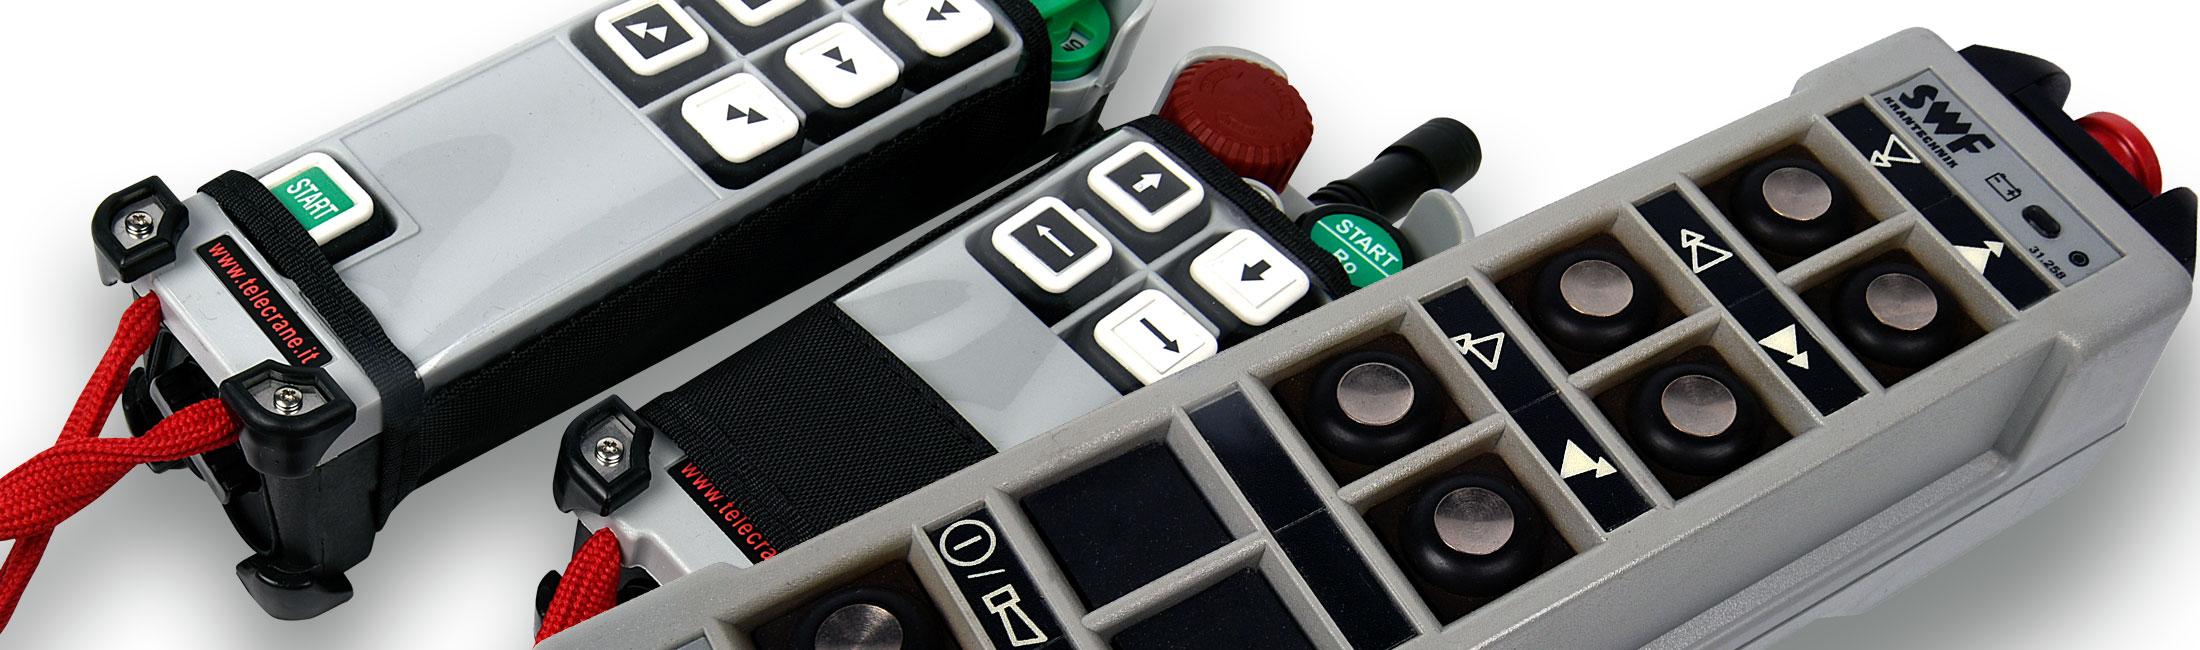 teollisuus-metalliteollisuus-teollisuuden-ohjaimet-radio-ohjaimet-satateras-siltanosturi-2